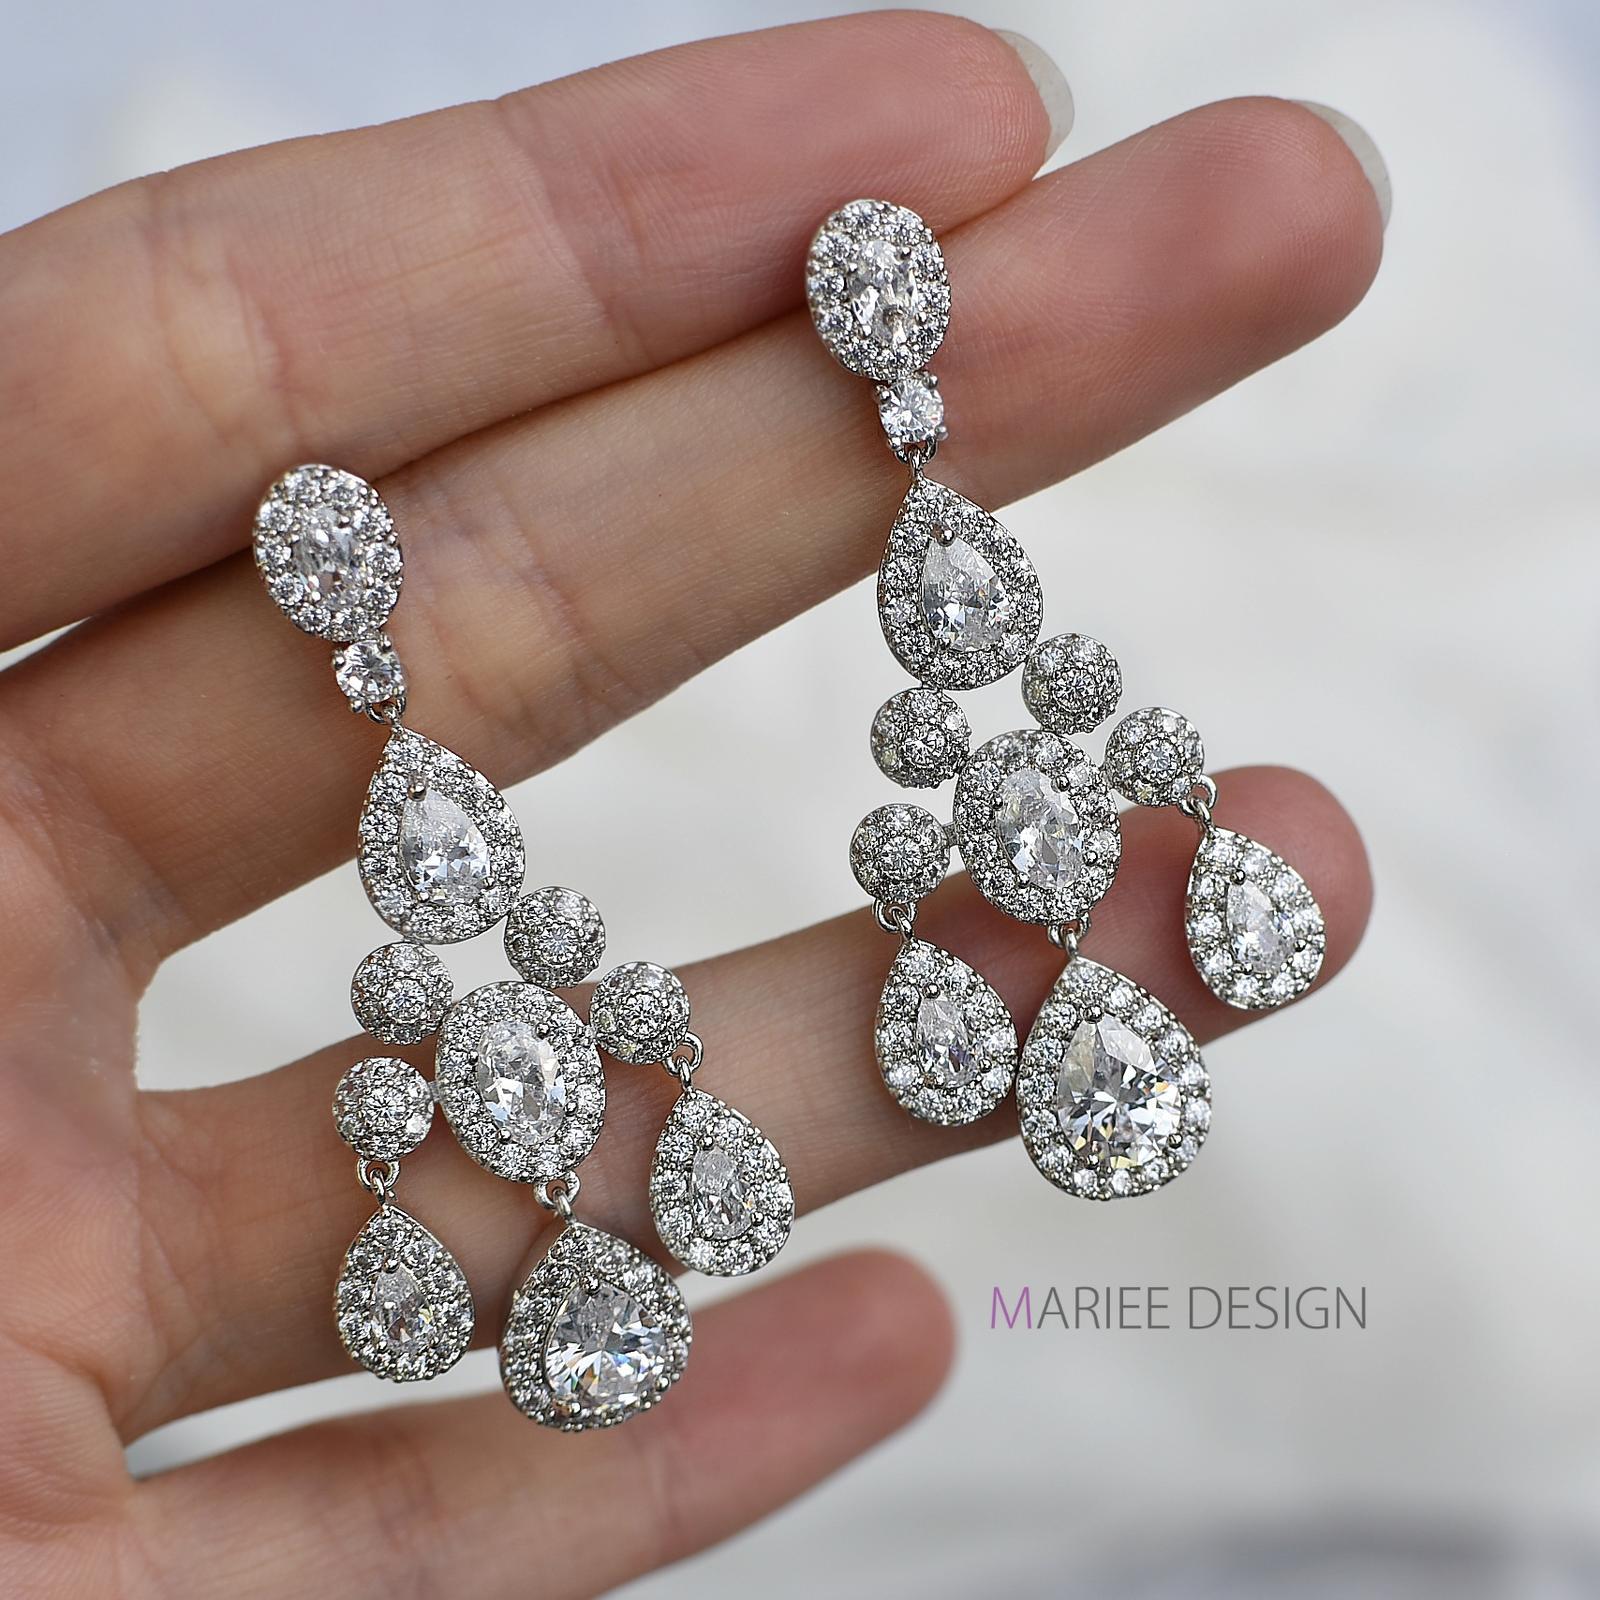 Šperky NA SKLADE - real foto - Obrázok č. 7